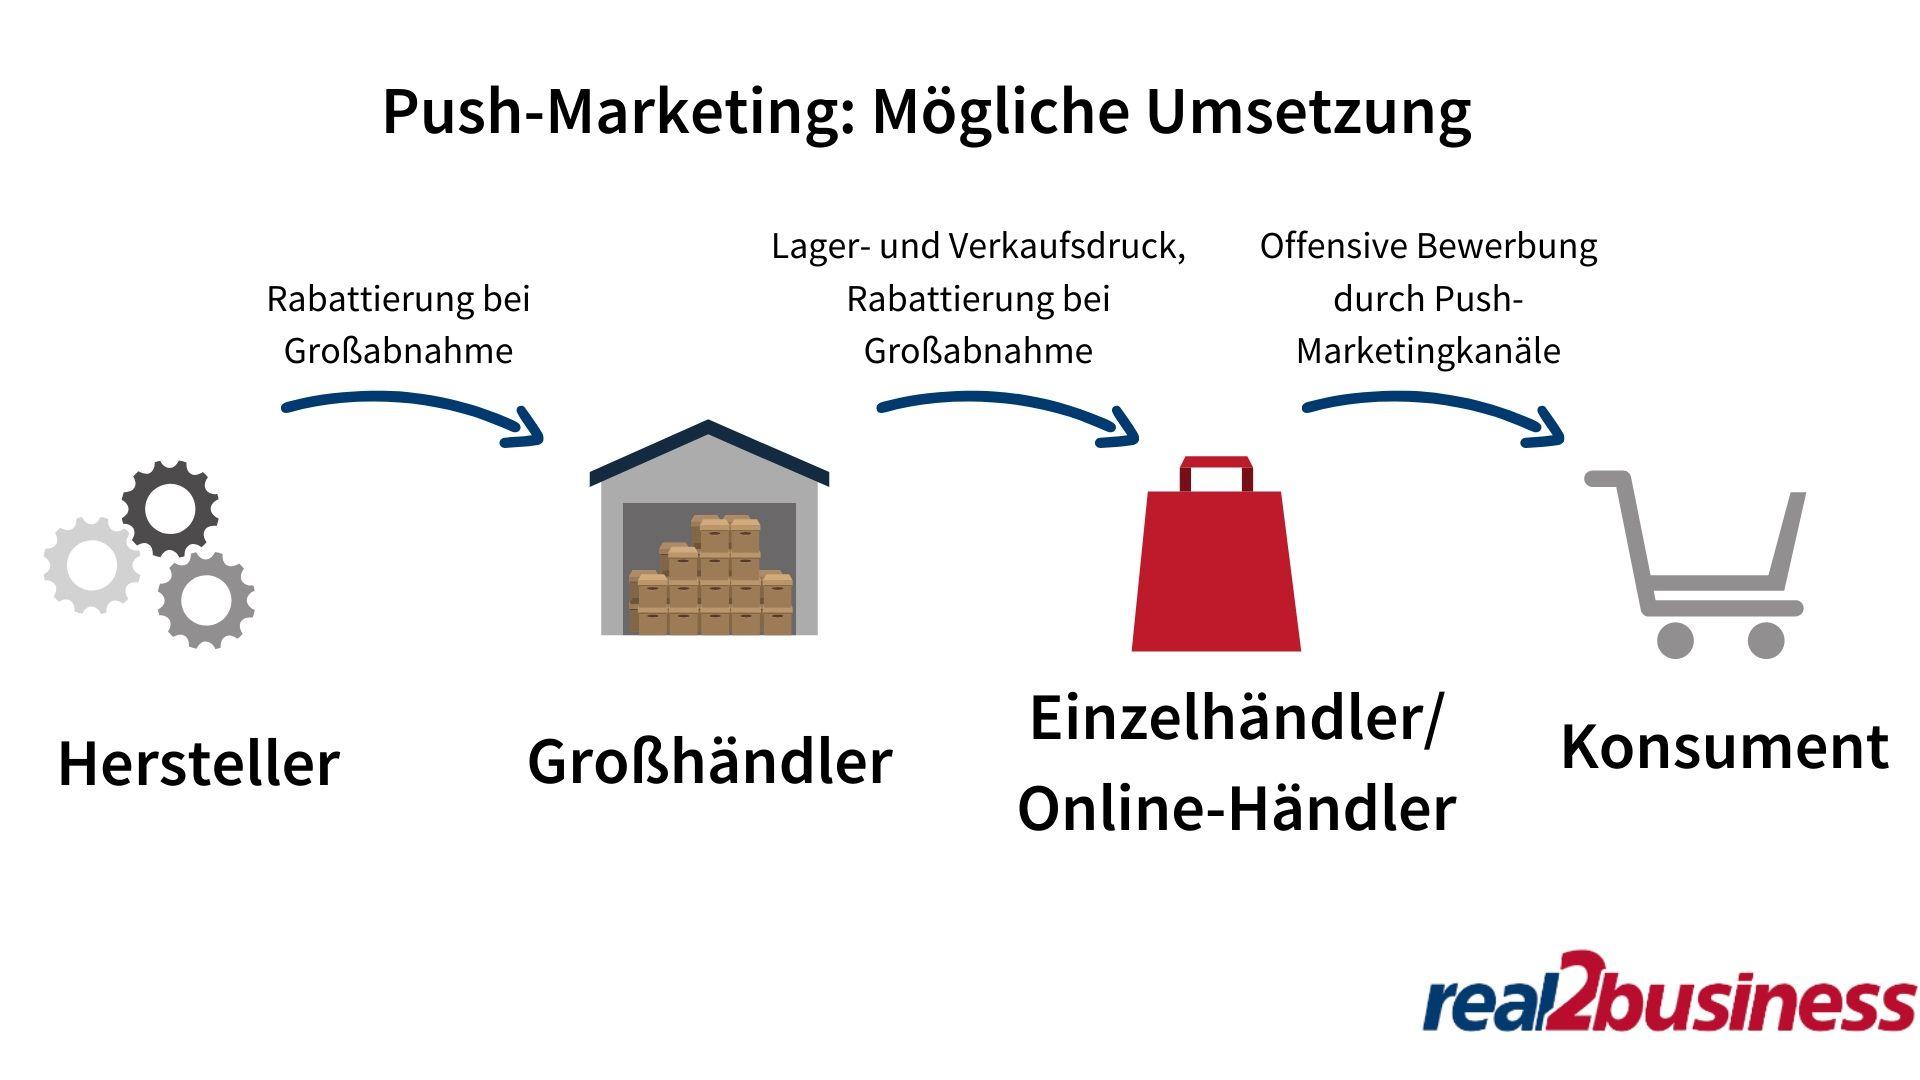 Push Marketing: Mögliche Umsetzung